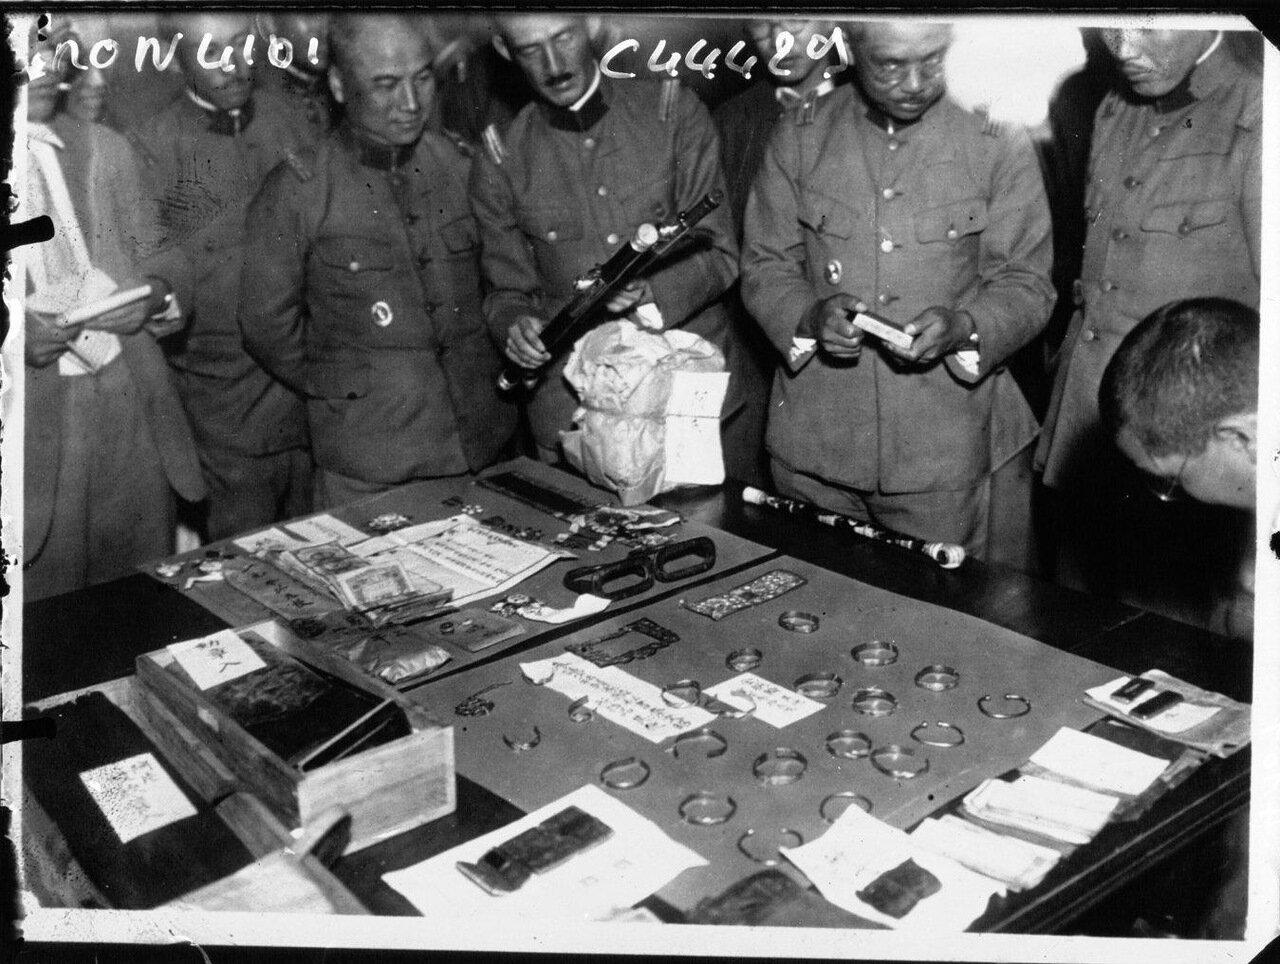 Японские офицеры осматривают личные вещи и золотые браслеты убитого китайского генерала Ма Чанг Чена